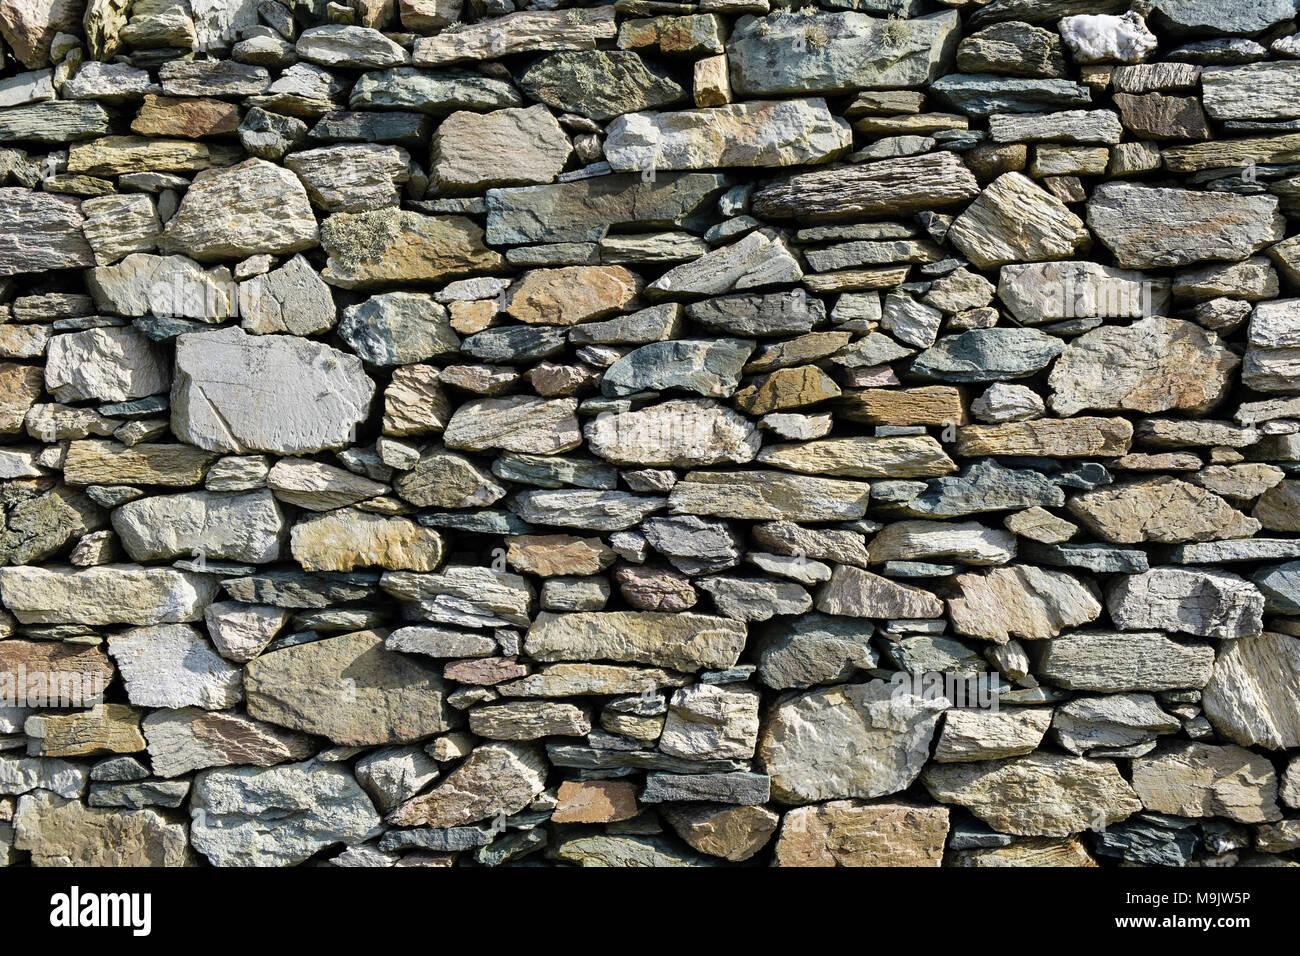 Pietre di diverse forme, dimensioni e colori in una pietra a secco muro fatto di rocce locali nel Geoparco. Rhoscolyn, Isola di Anglesey, Galles, Regno Unito, Gran Bretagna Foto Stock